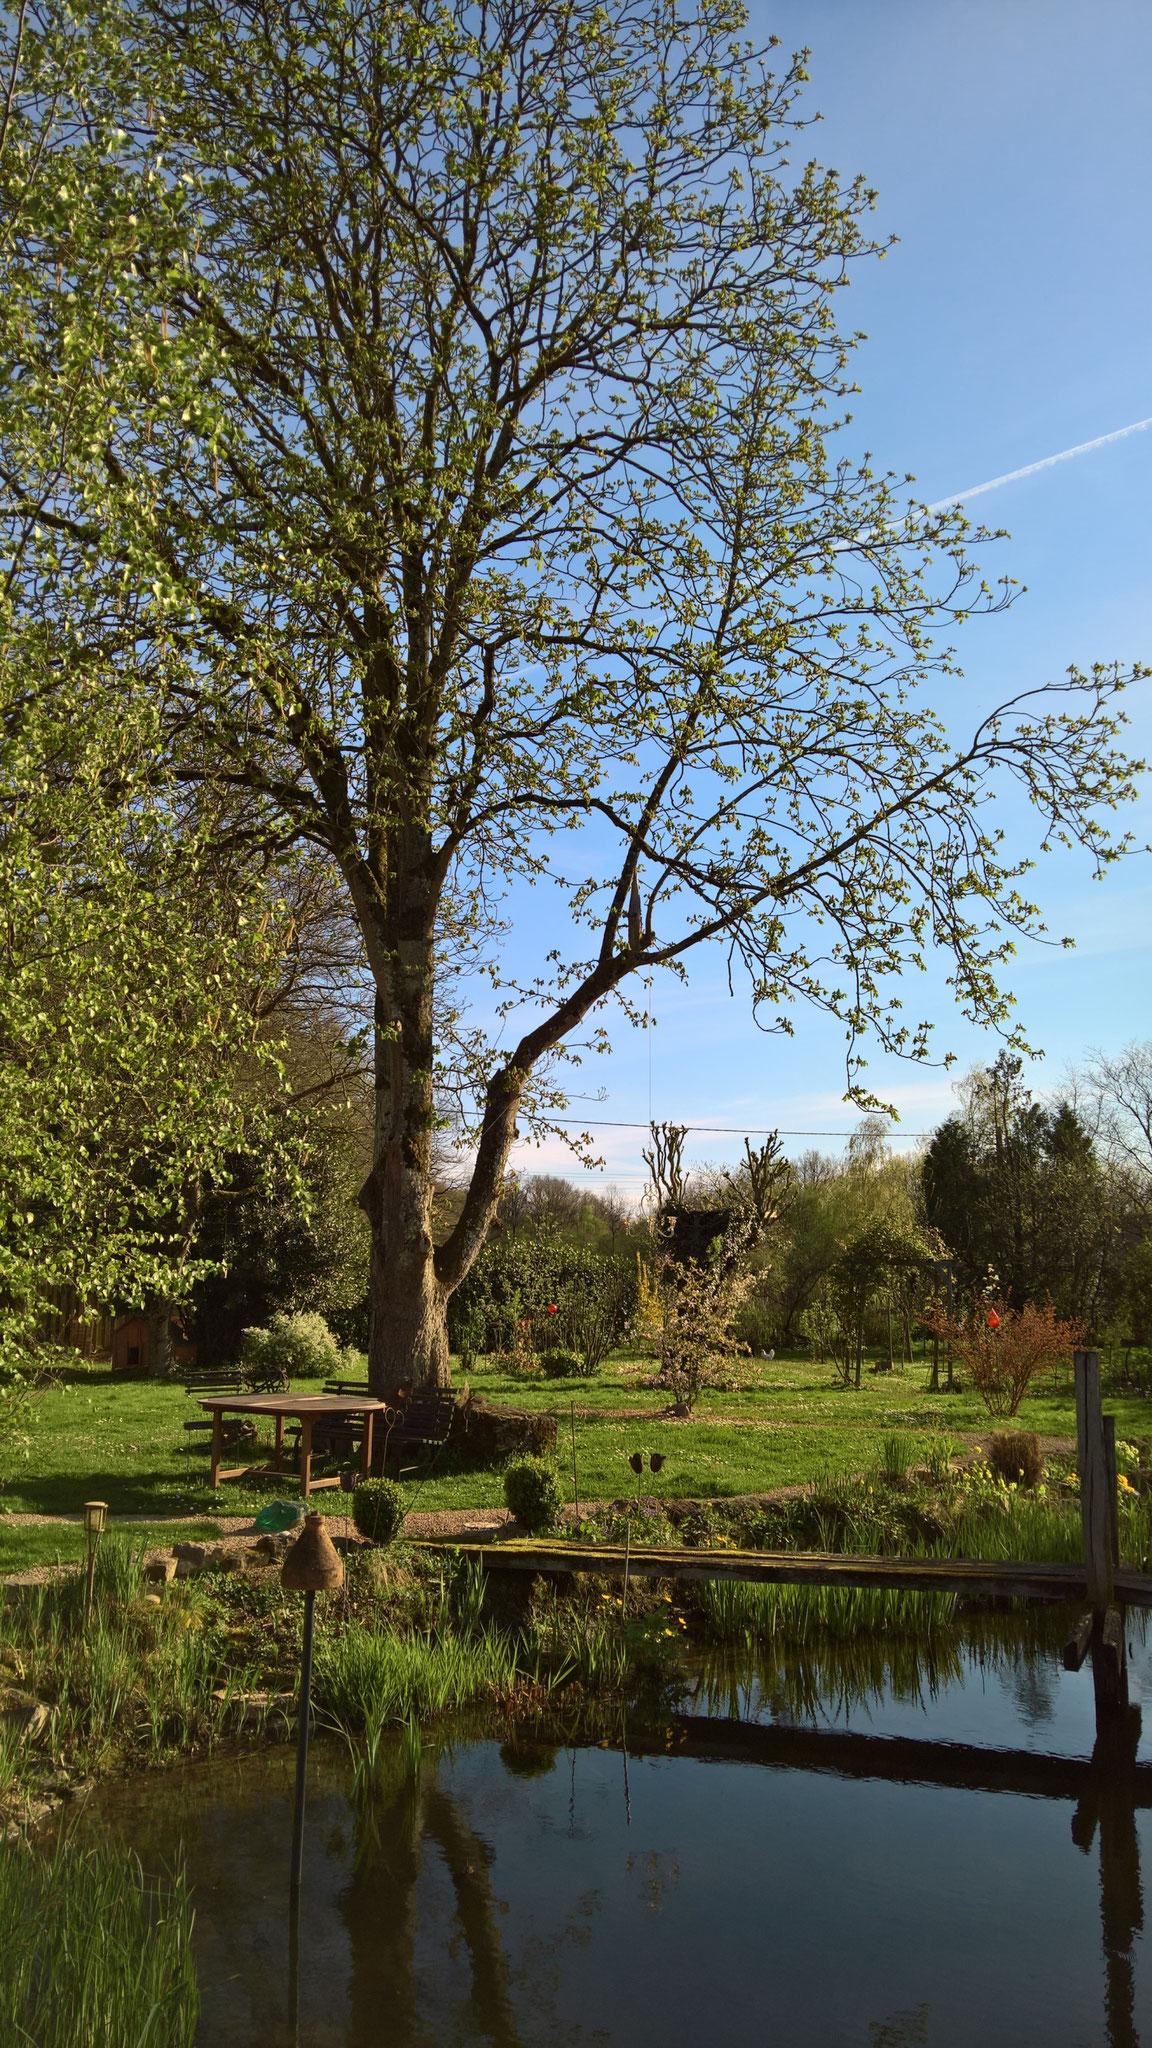 Die Kastanie im Frühlingskleid